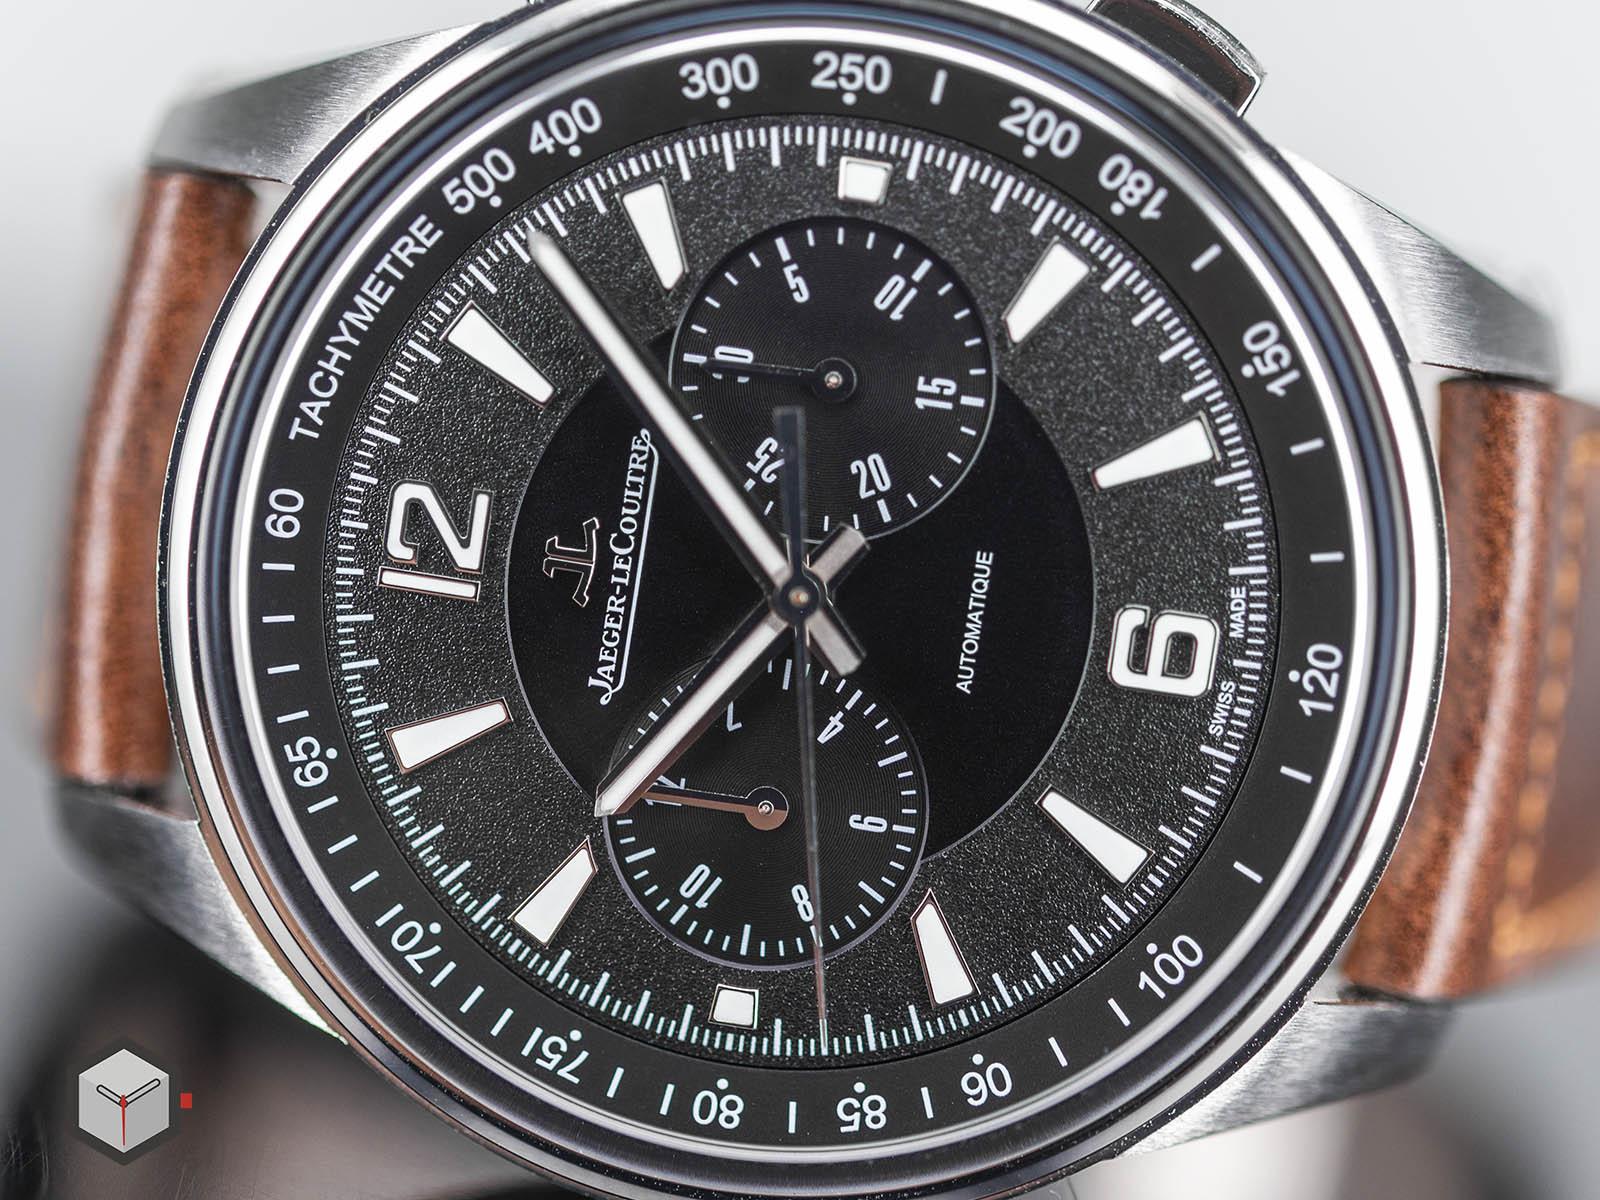 9028471-jaeger-lecoultre-polaris-chronograph-stainless-steel-5.jpg